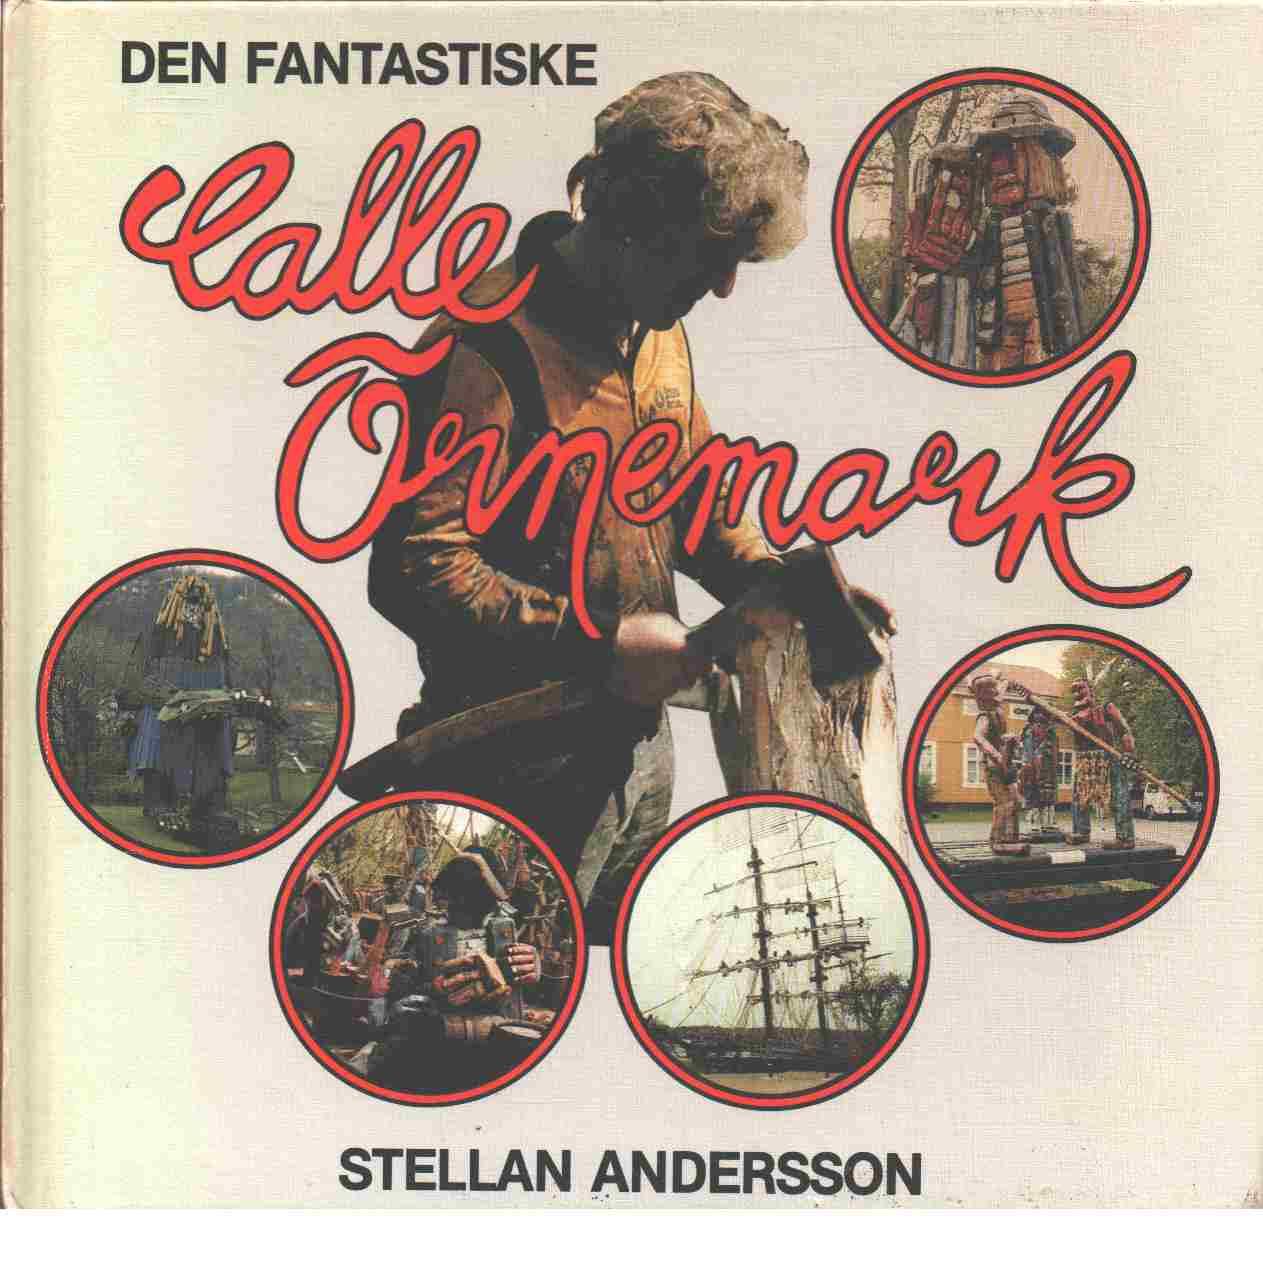 Den fantastiske Calle Örnemark - Andersson, Stellan och Bergström, Mikael